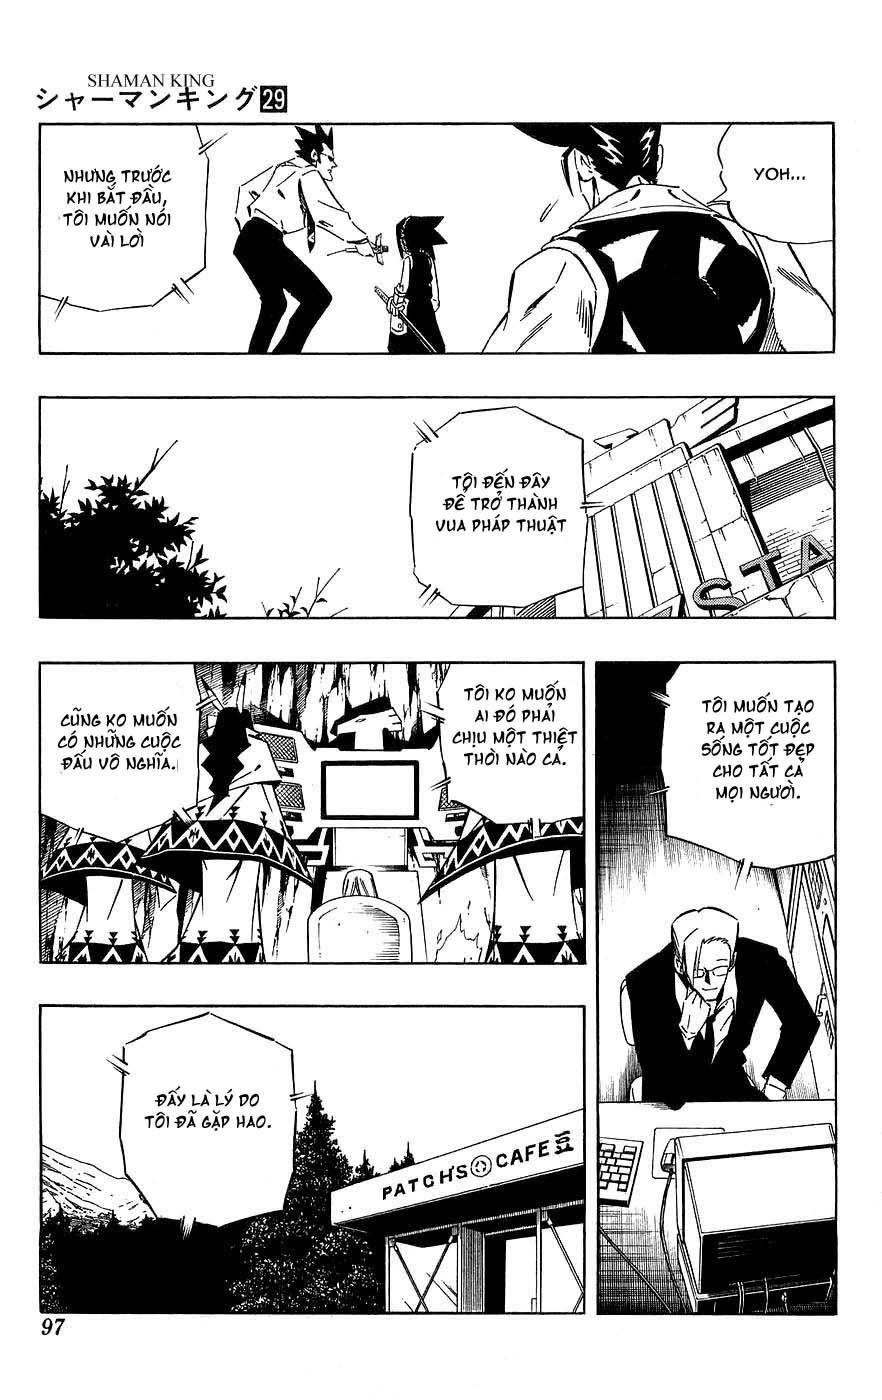 Shaman King [Vua pháp thuật] chap 253 trang 11